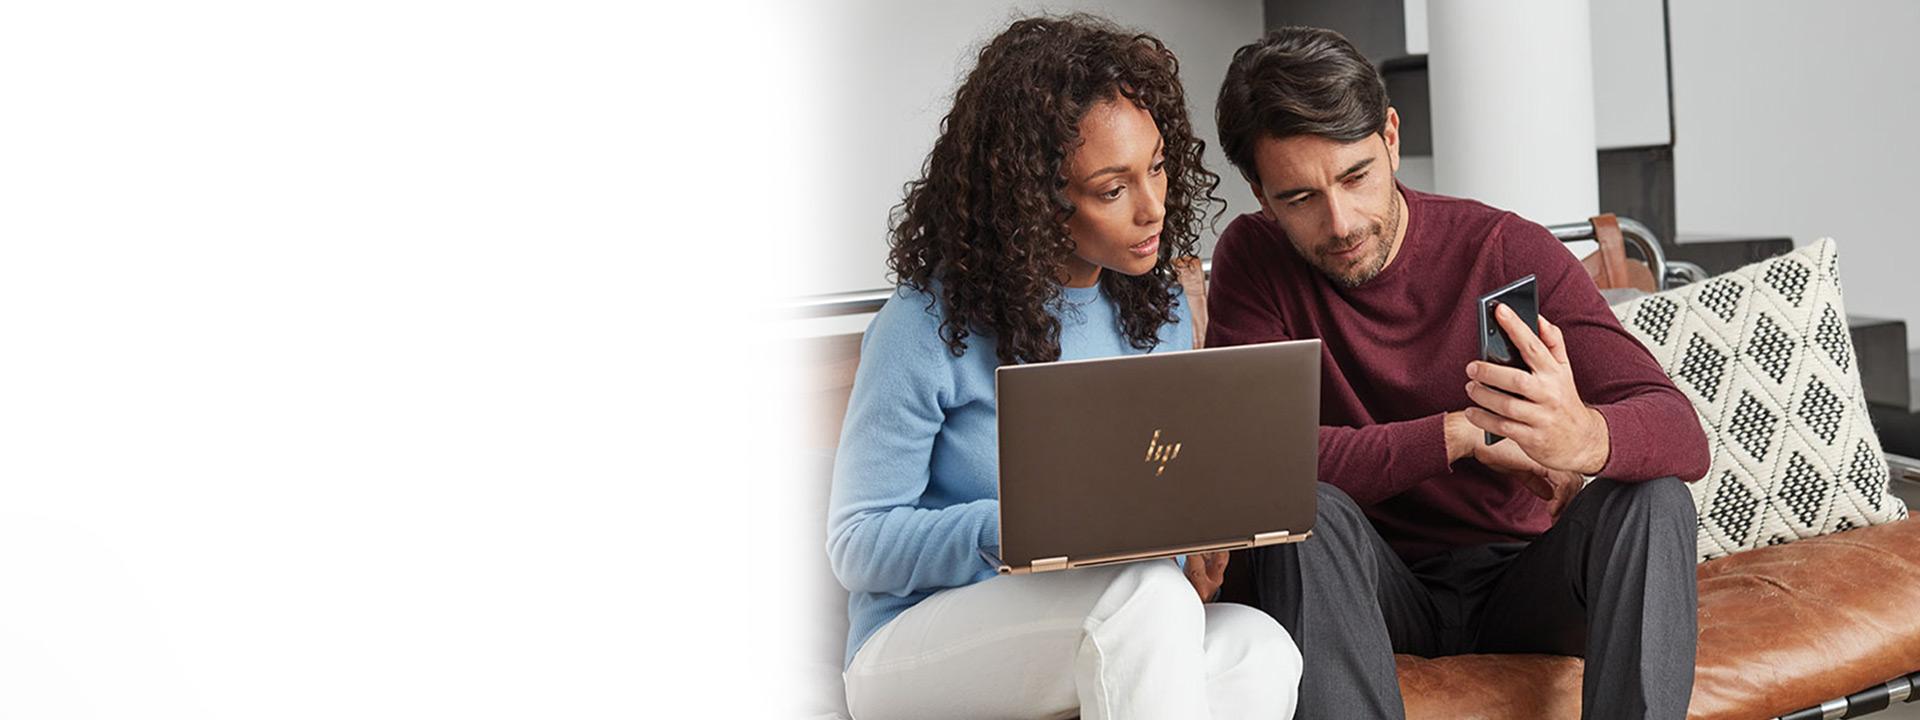 Женщина и мужчина, сидящие на диване, вместе смотрят в ноутбук и мобильное устройство с Windows 10